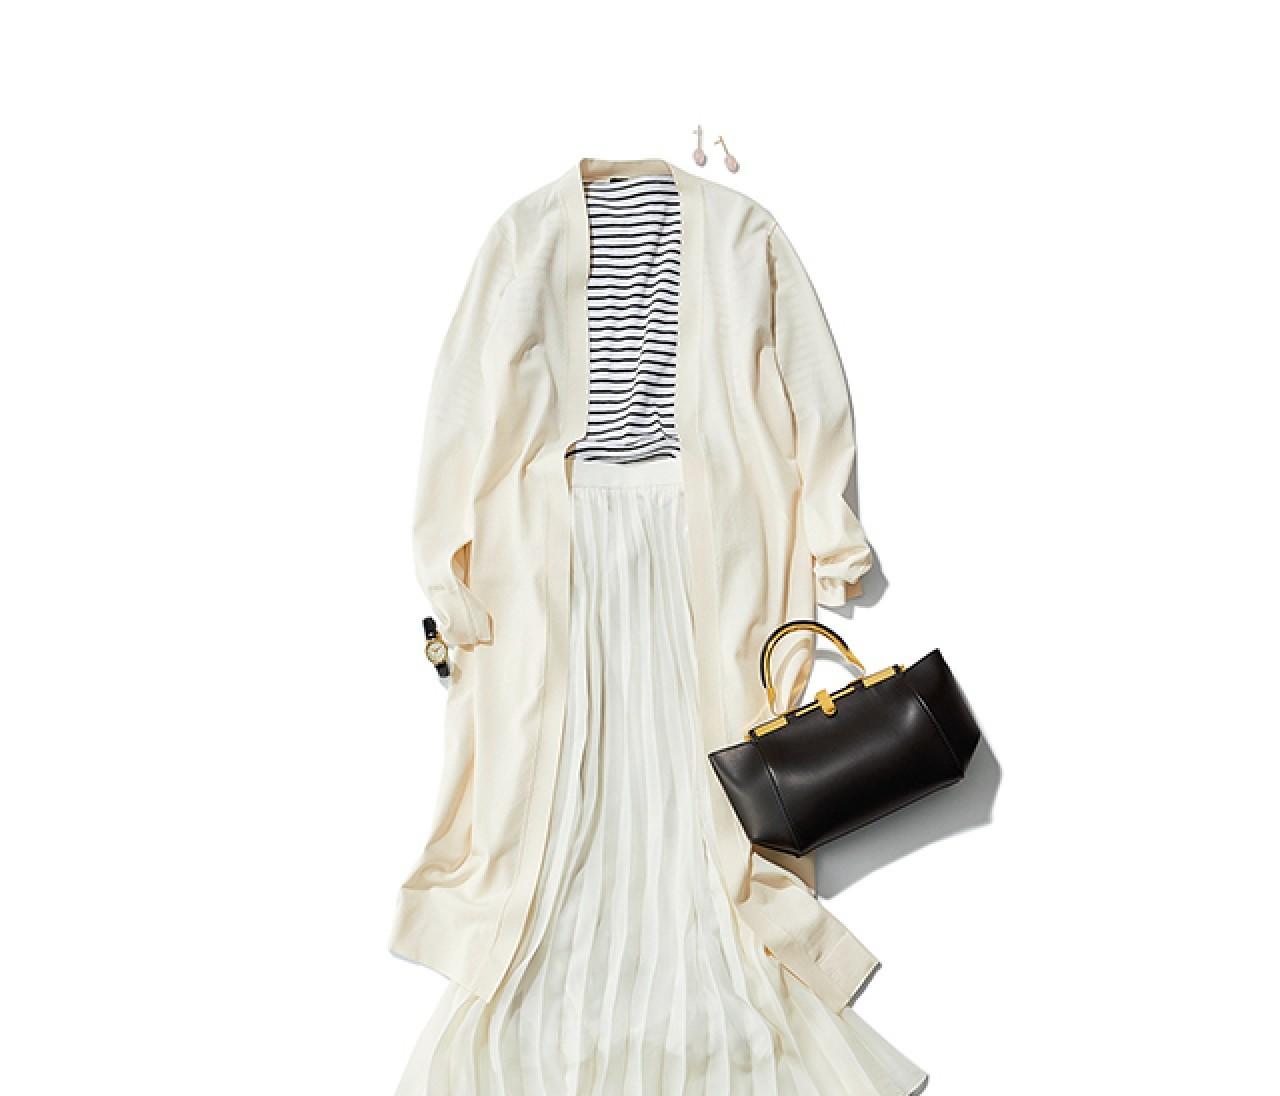 金曜日の通勤は、好感度ボーダーを加えたクリーンなスカートスタイル♡【2019/4/19のコーデ】